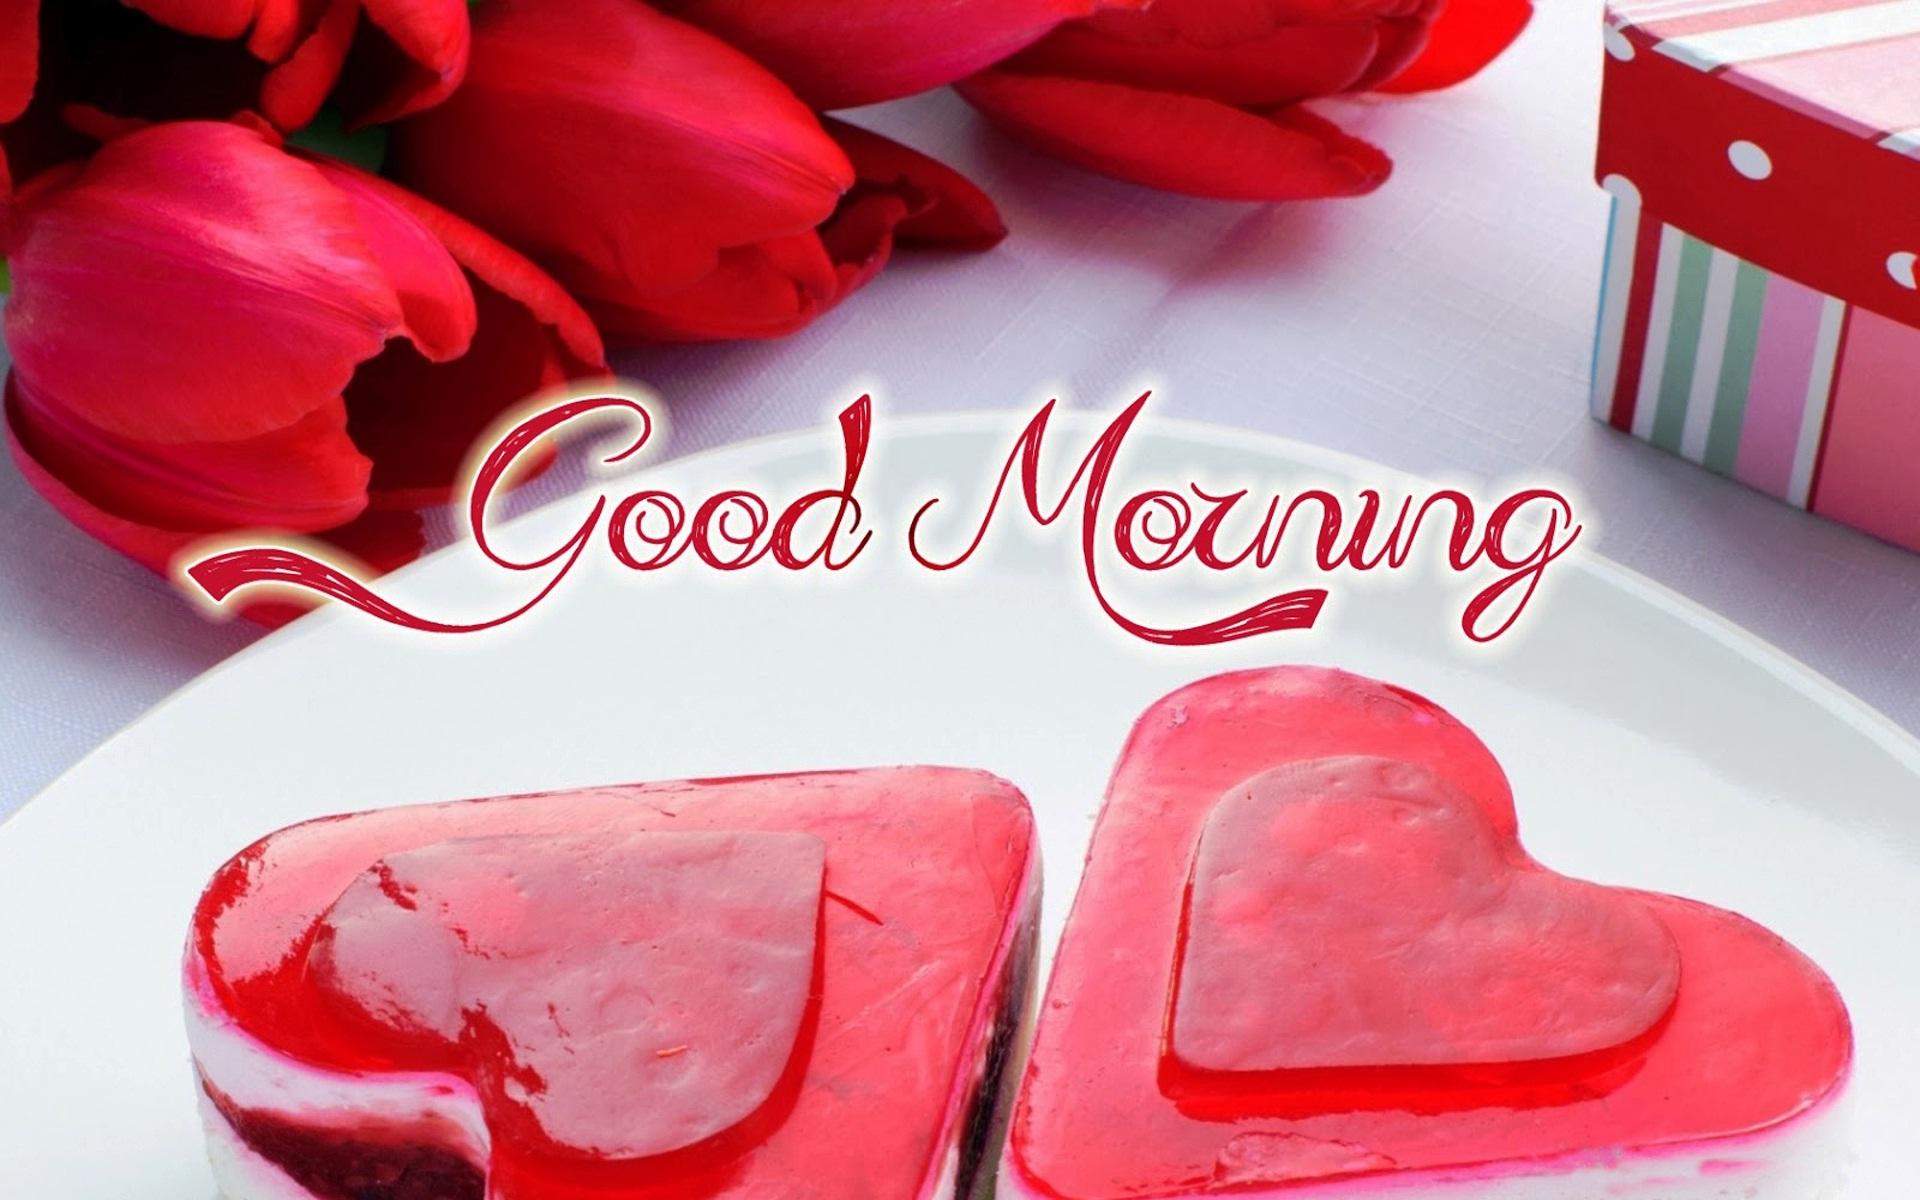 بالصور صباح الورد حبيبتي , اجمل الصور لصباح الخير والورد 6036 2